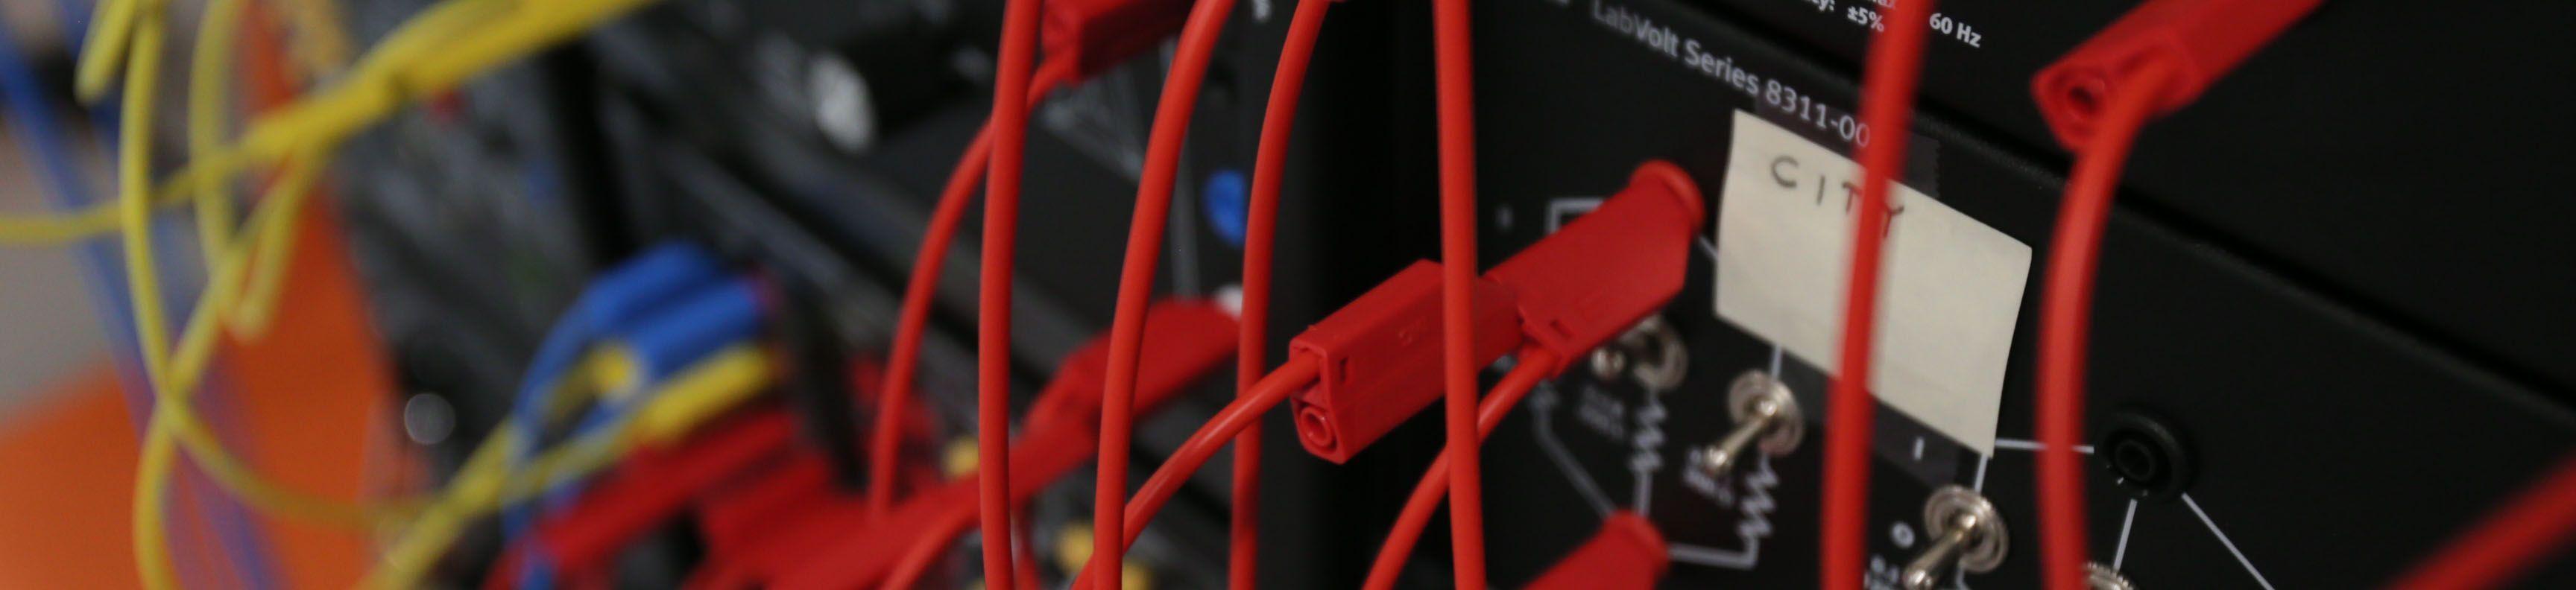 Cables conectados a la parte posterior de un sistema